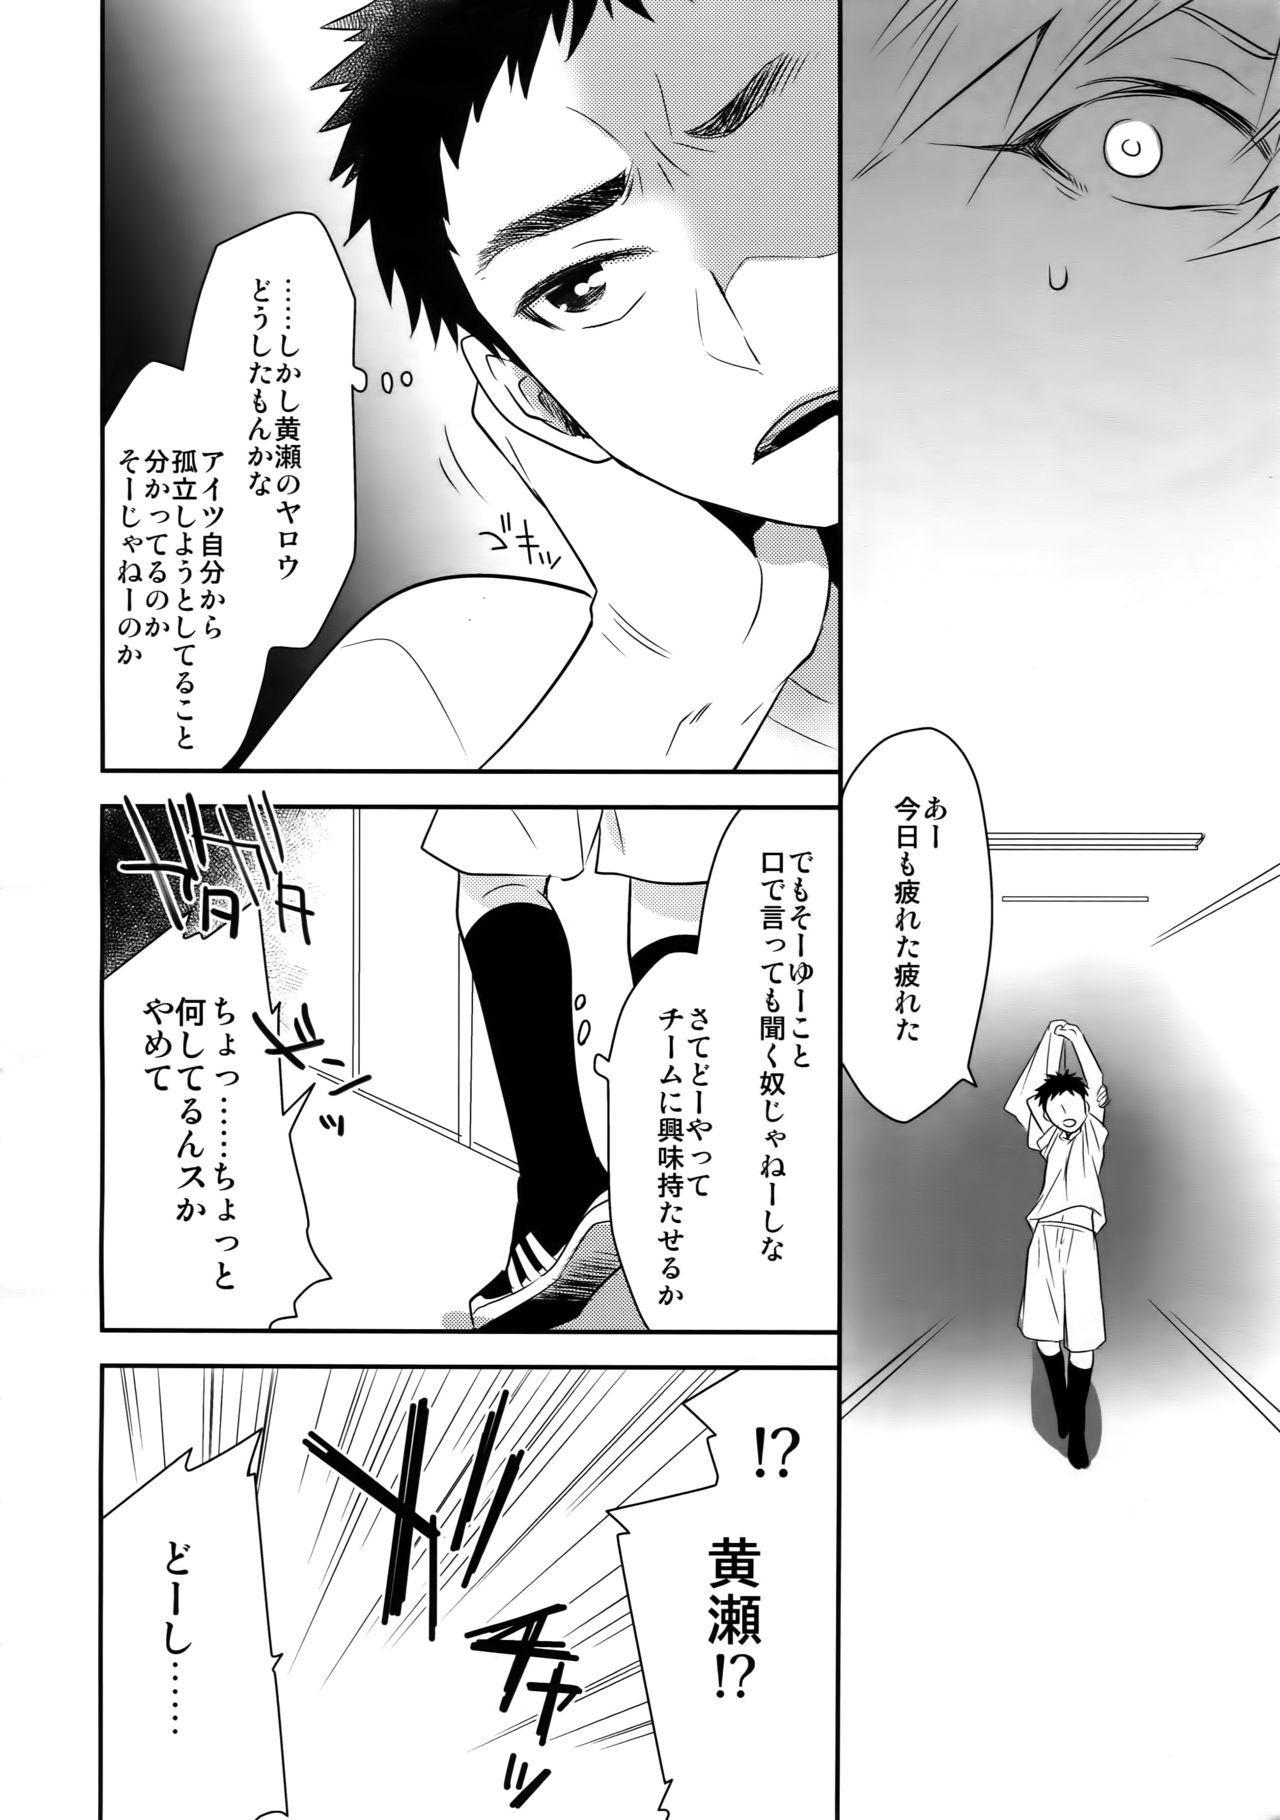 [Bakuchi Jinsei SP (Satsuki Fumi)] Kanpeki Kareshi to Zettai Ryouiki Ouji-sama - Another Version - (Kuroko no Basket) 16